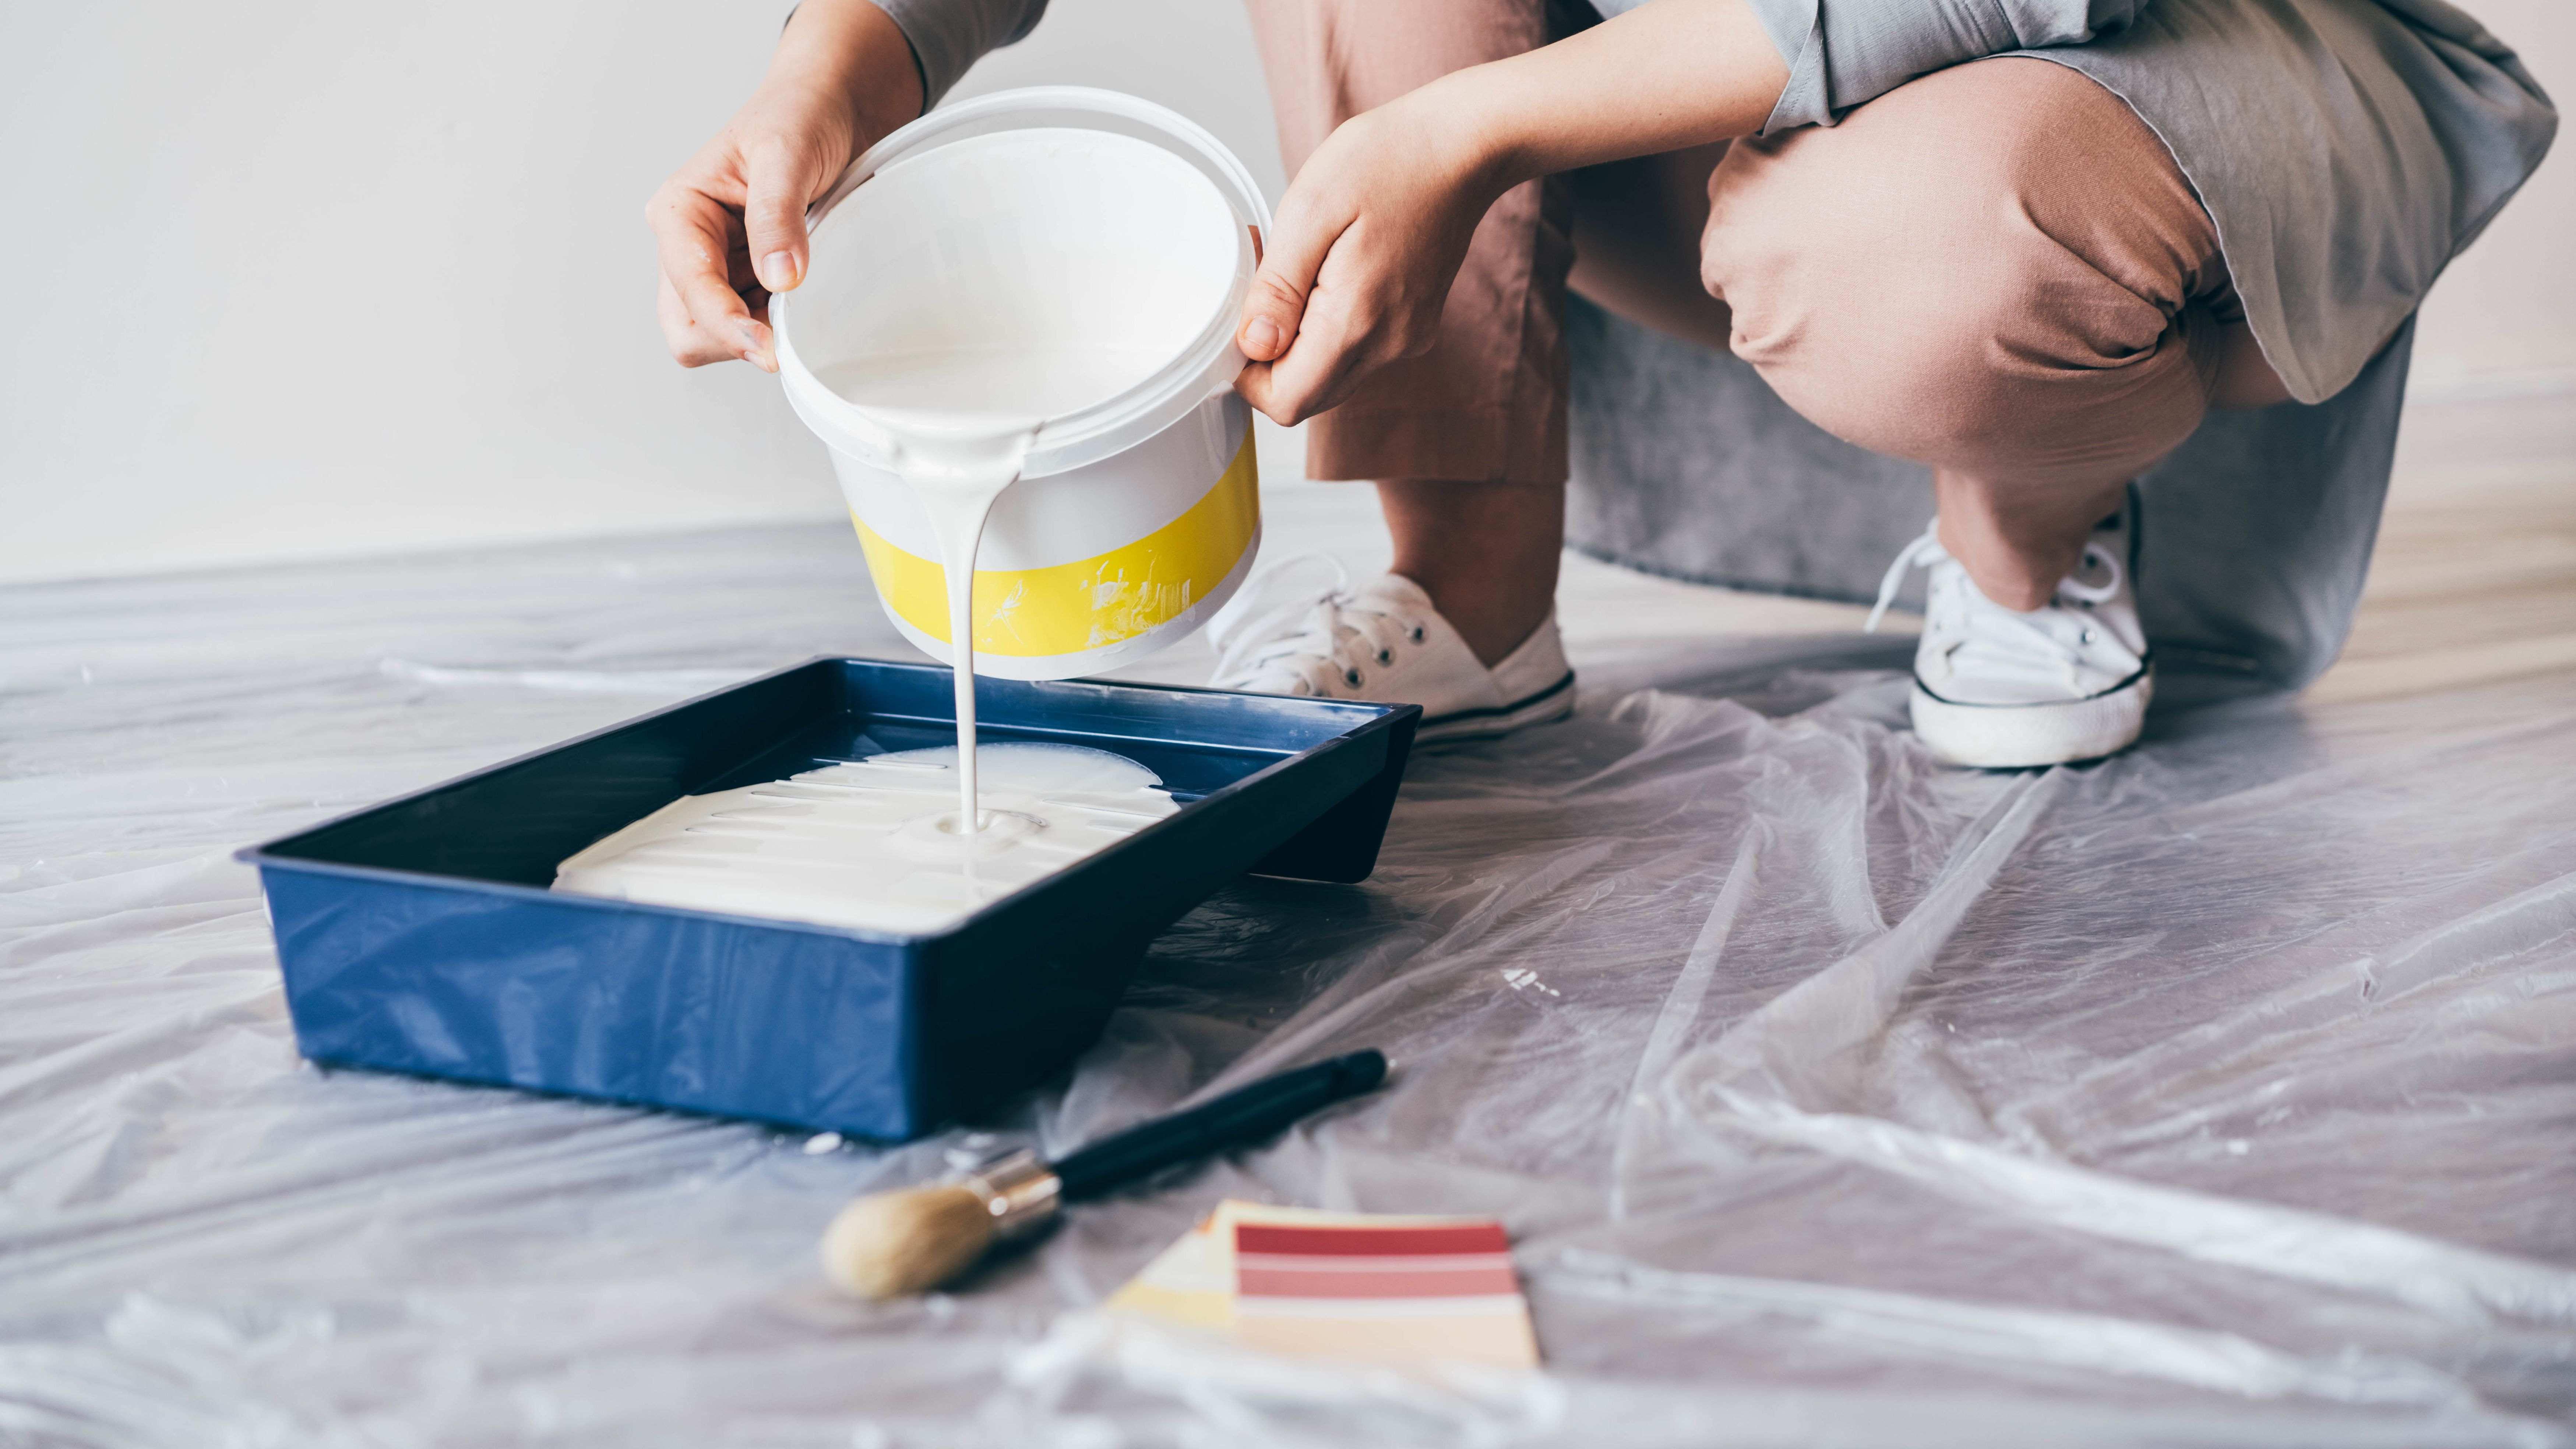 Cómo elegir pintura para la cocina y el cuarto de baño